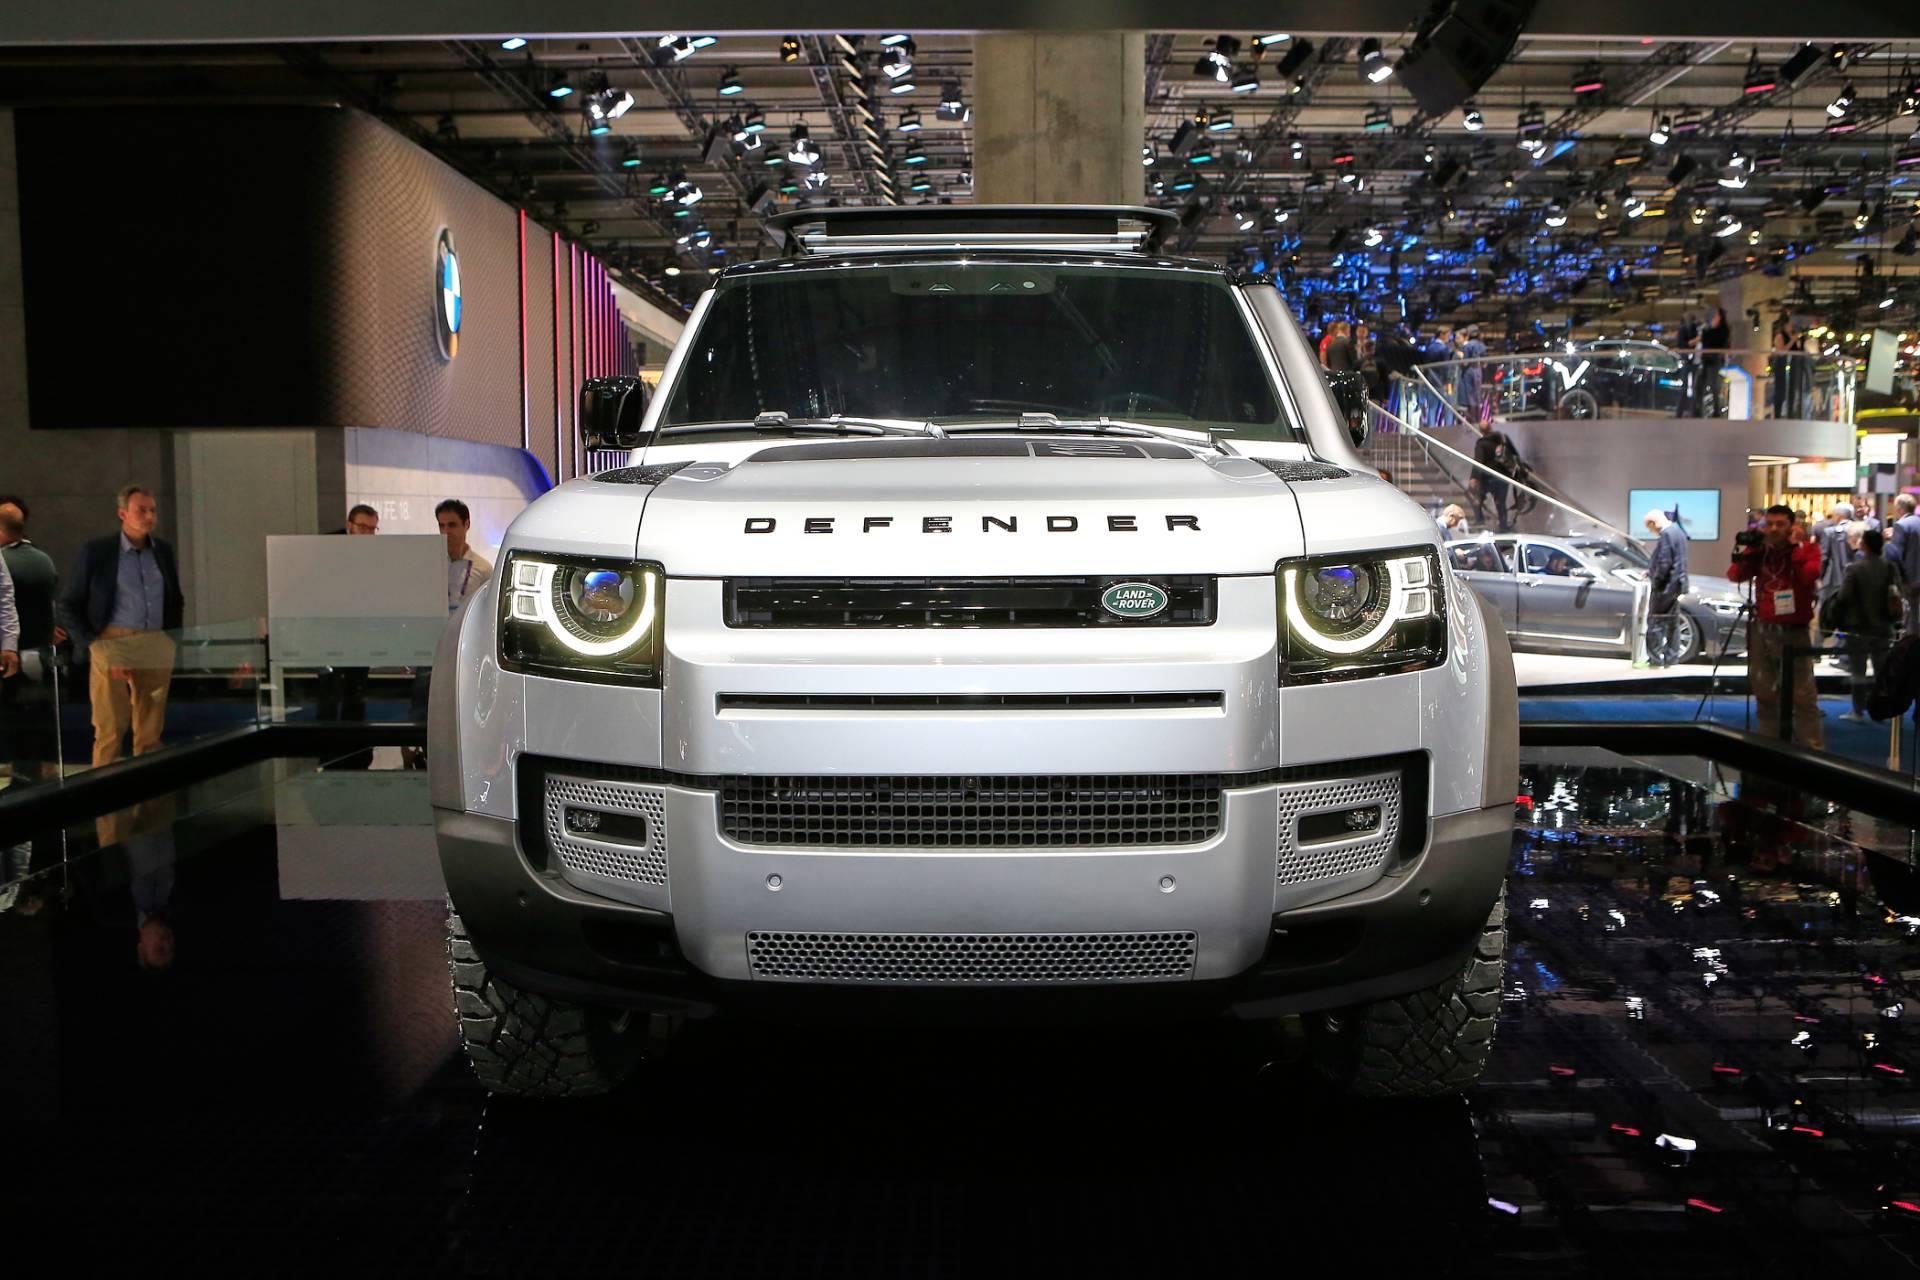 фары, решетка, бампер нового Land Rover Defender 2020 – 2021 в России